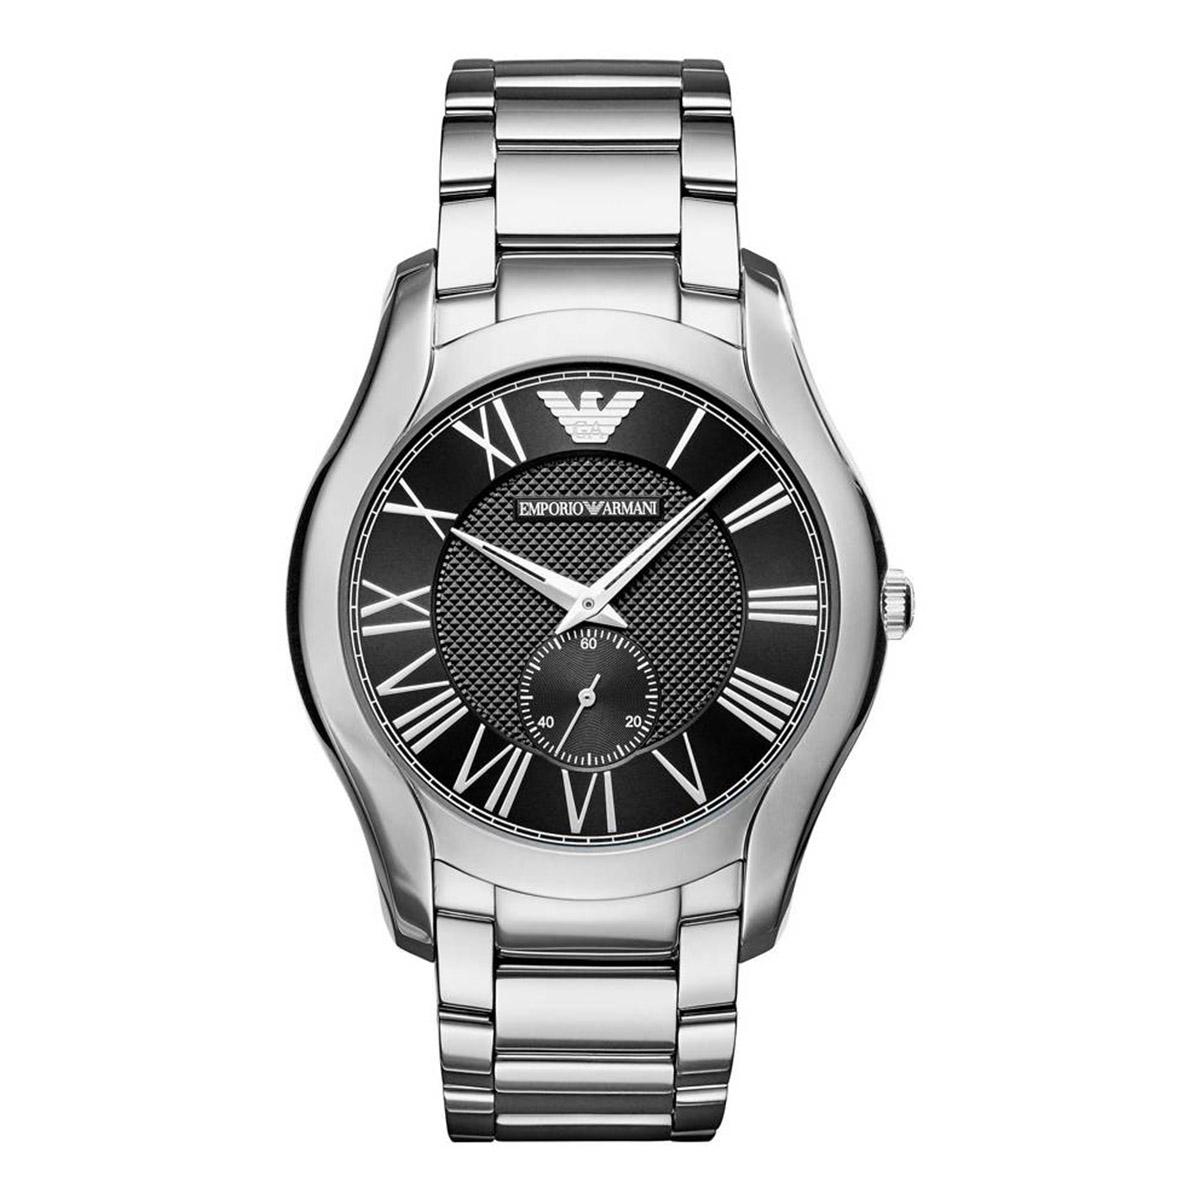 【全品送料無料】 エンポリオアルマーニ EMPORIO ARMANI EMPORIO ARMANI エンポリオ アルマーニ VALENTE AR11086 メンズ 時計 腕時計 クオーツ